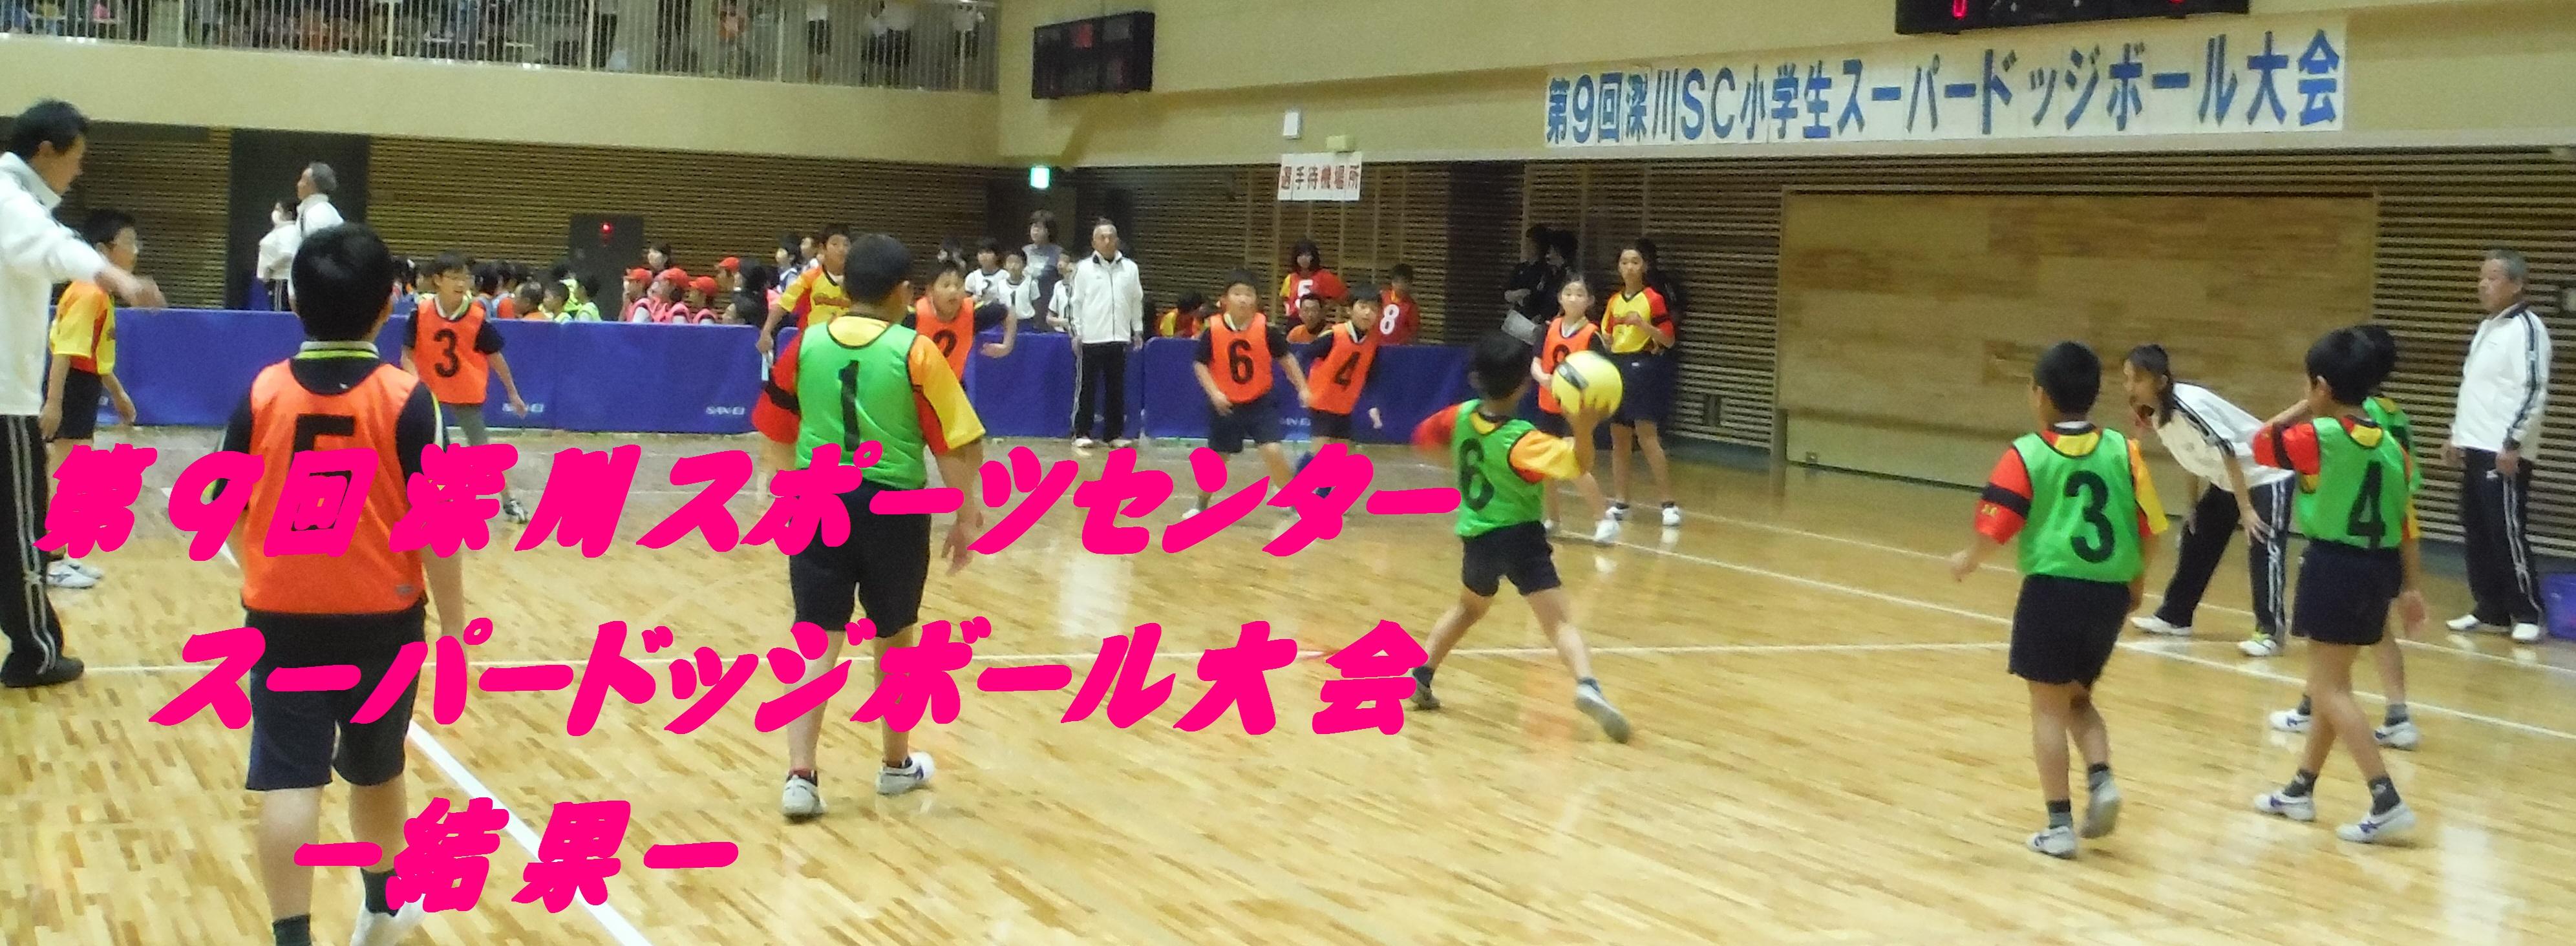 第9回深川スポーツセンター小学生スーパードッジボール大会結果